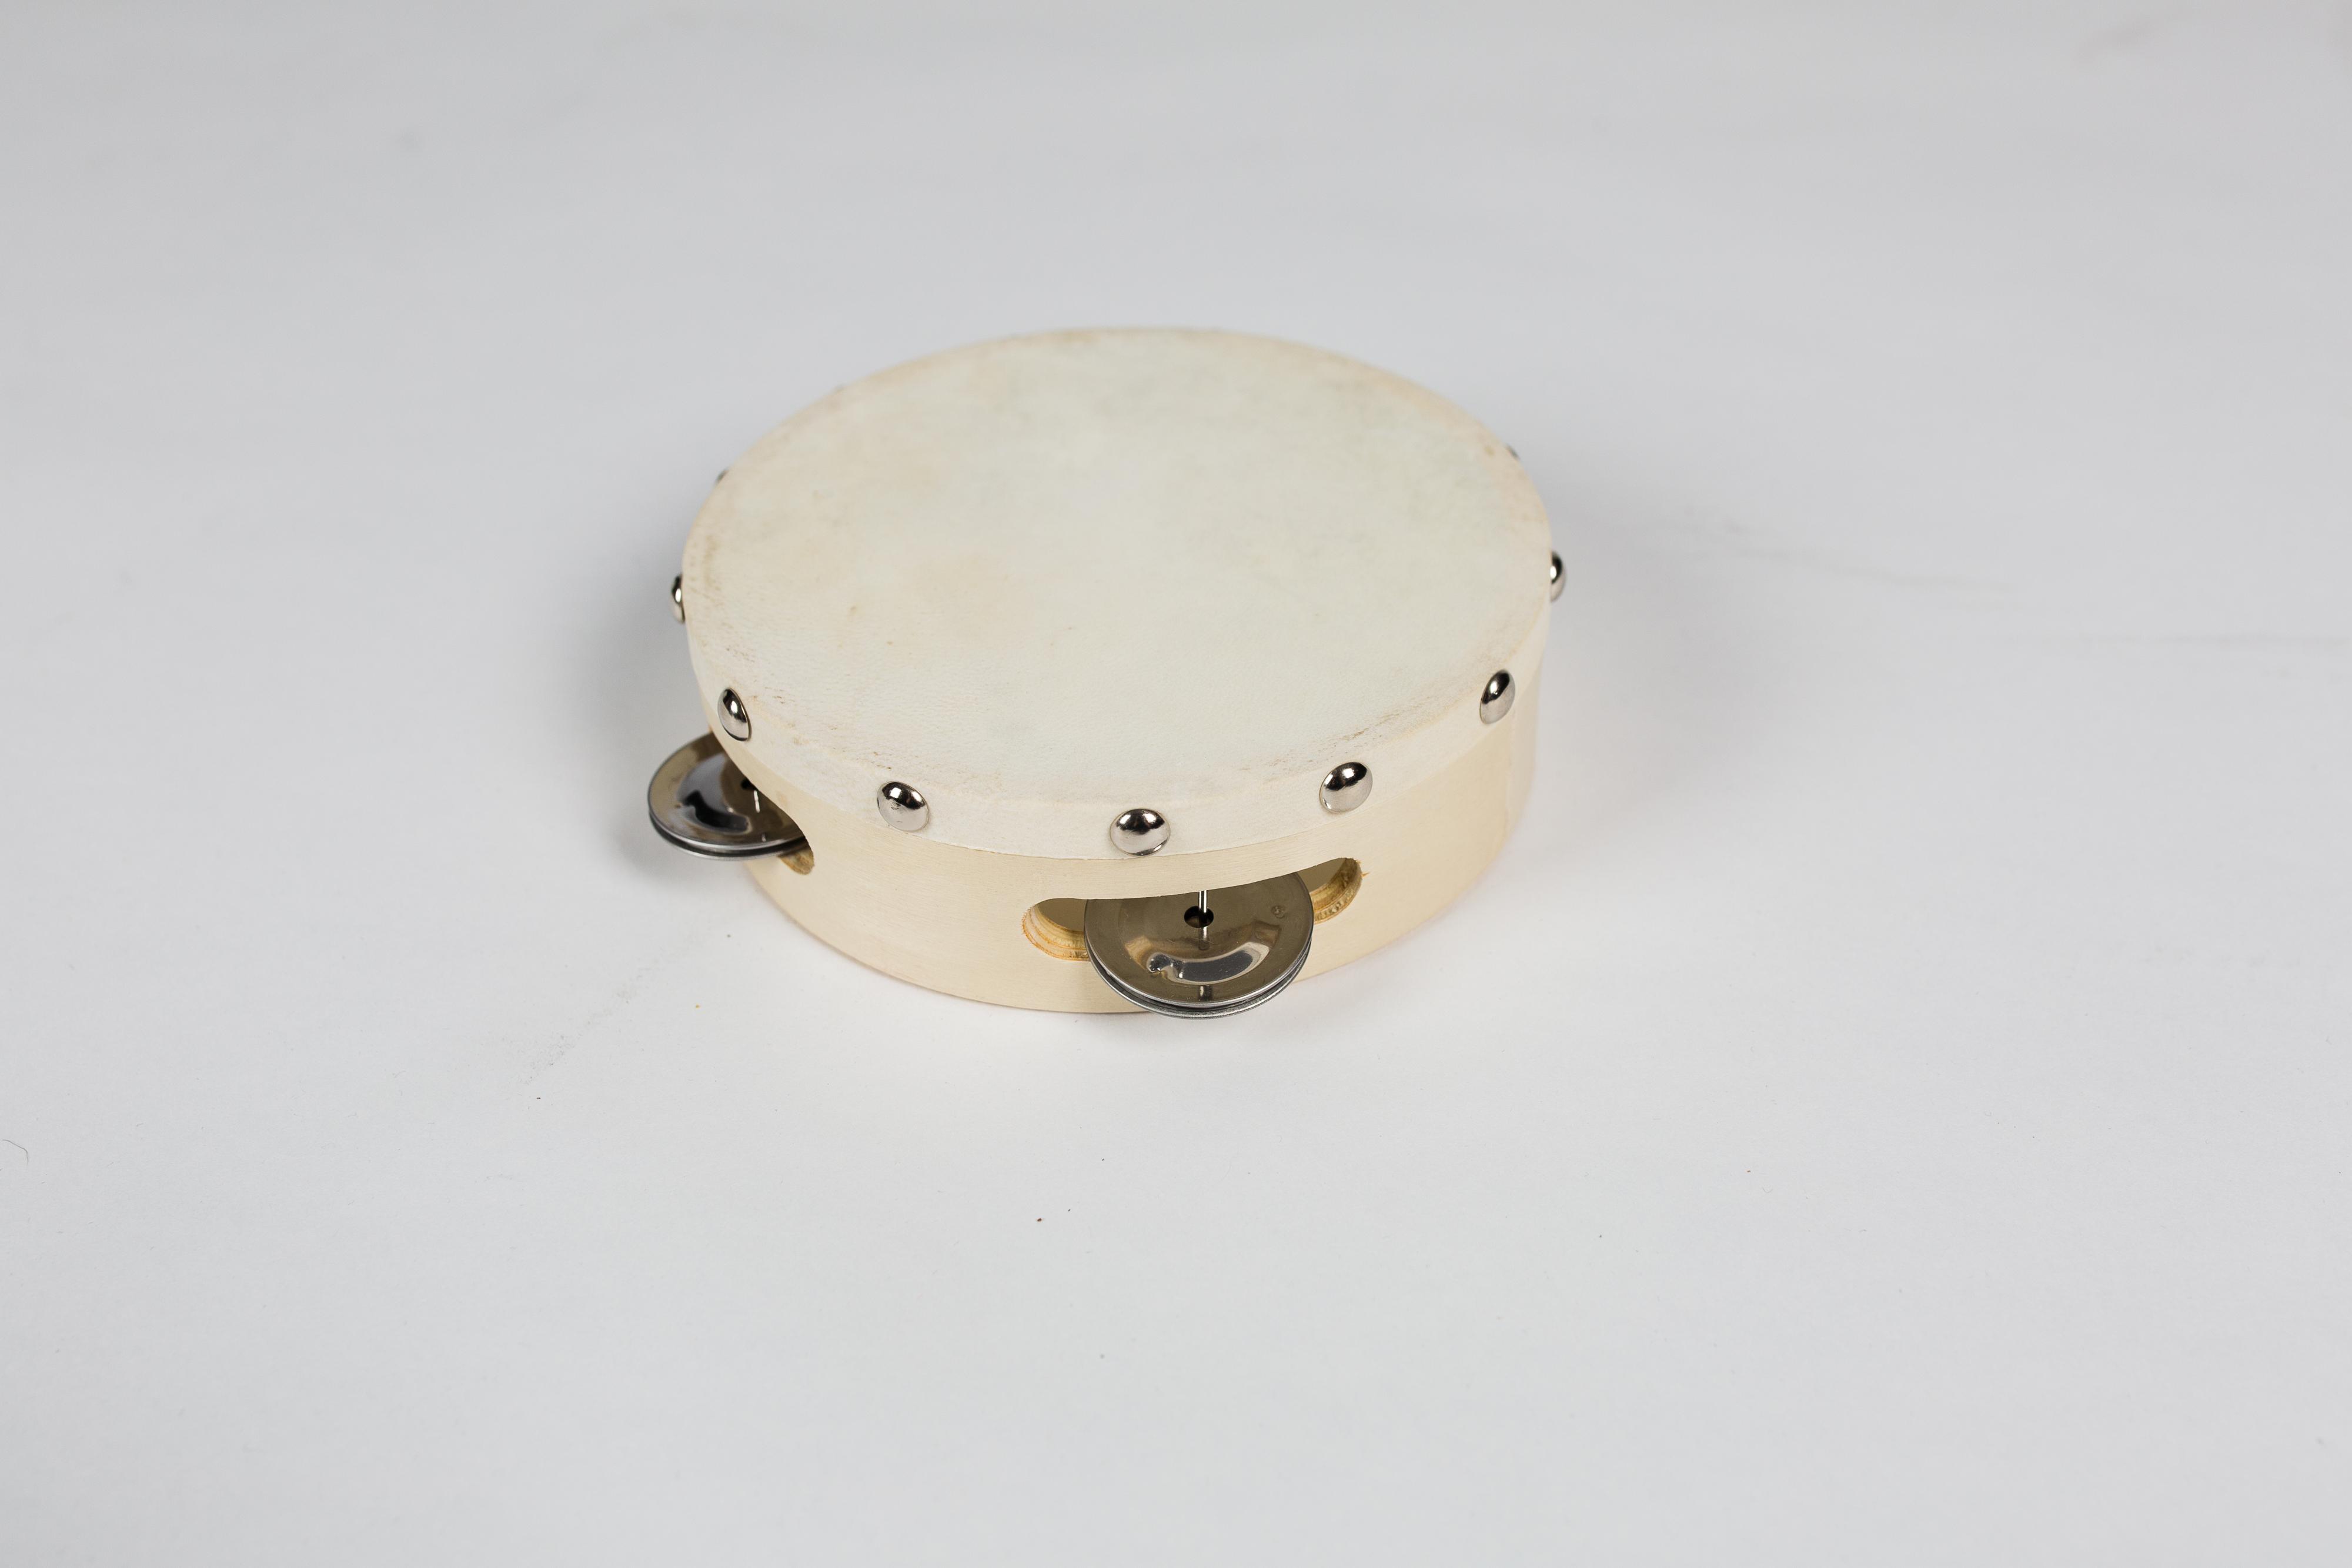 DEKKO TH4-3 - Бубен, 10смMF00615Бубен деревянный корпус, диаметр 10 см, кожаная мембрана, 4 пары тарелочек